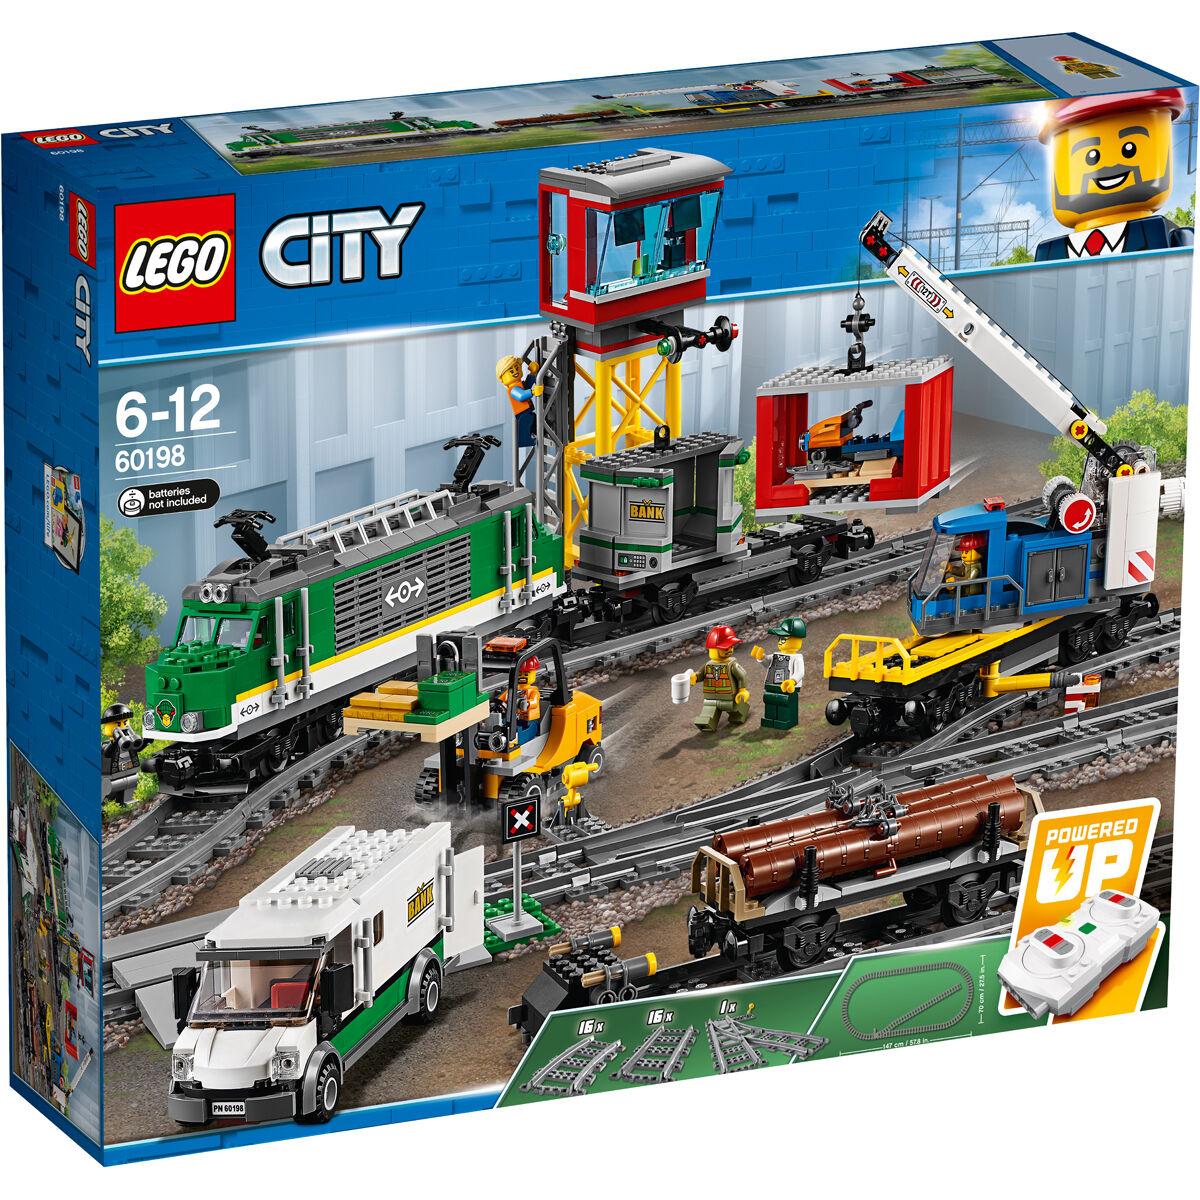 LEGO City - 60198 Güterzug [Galeria Kundenkarte und Gutschein]